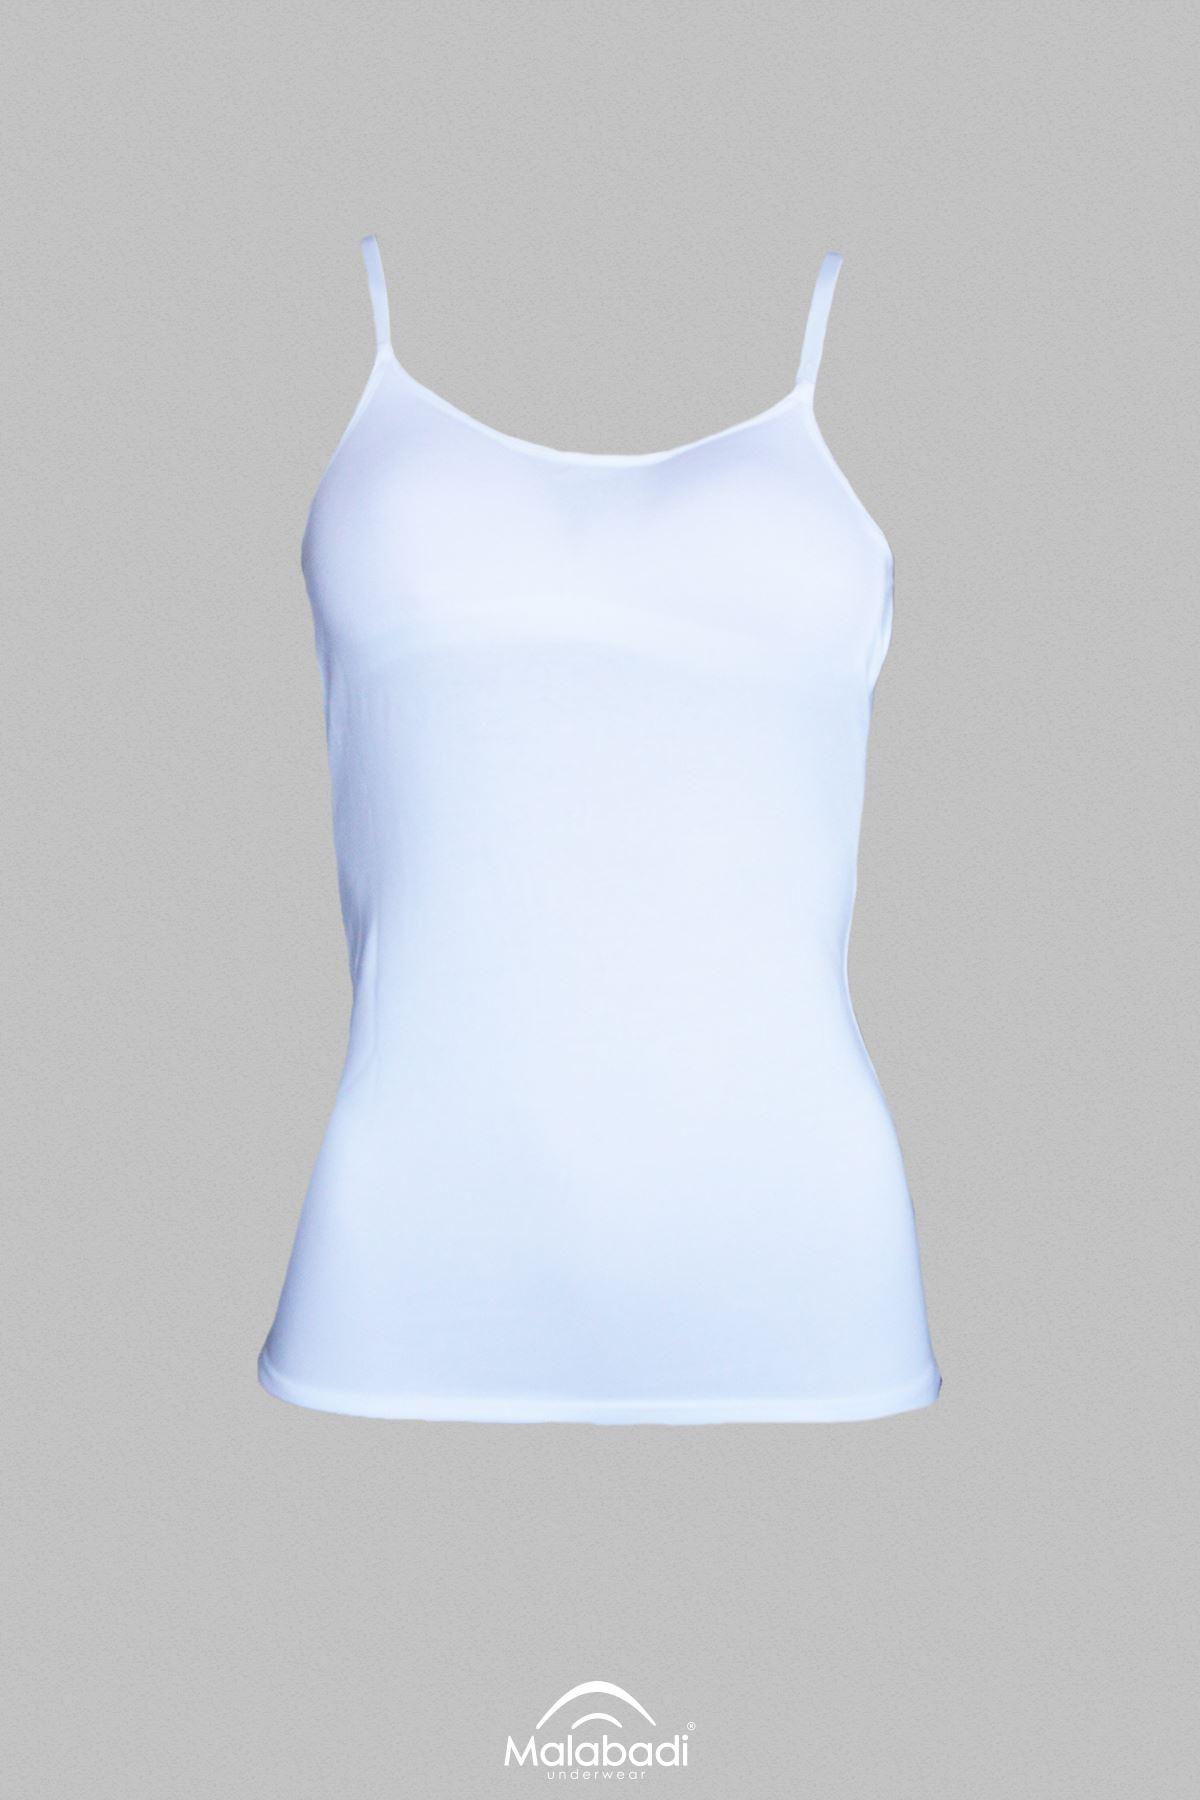 Beyaz Kadın İçi Kaplı İp Askılı Modal Atlet 824